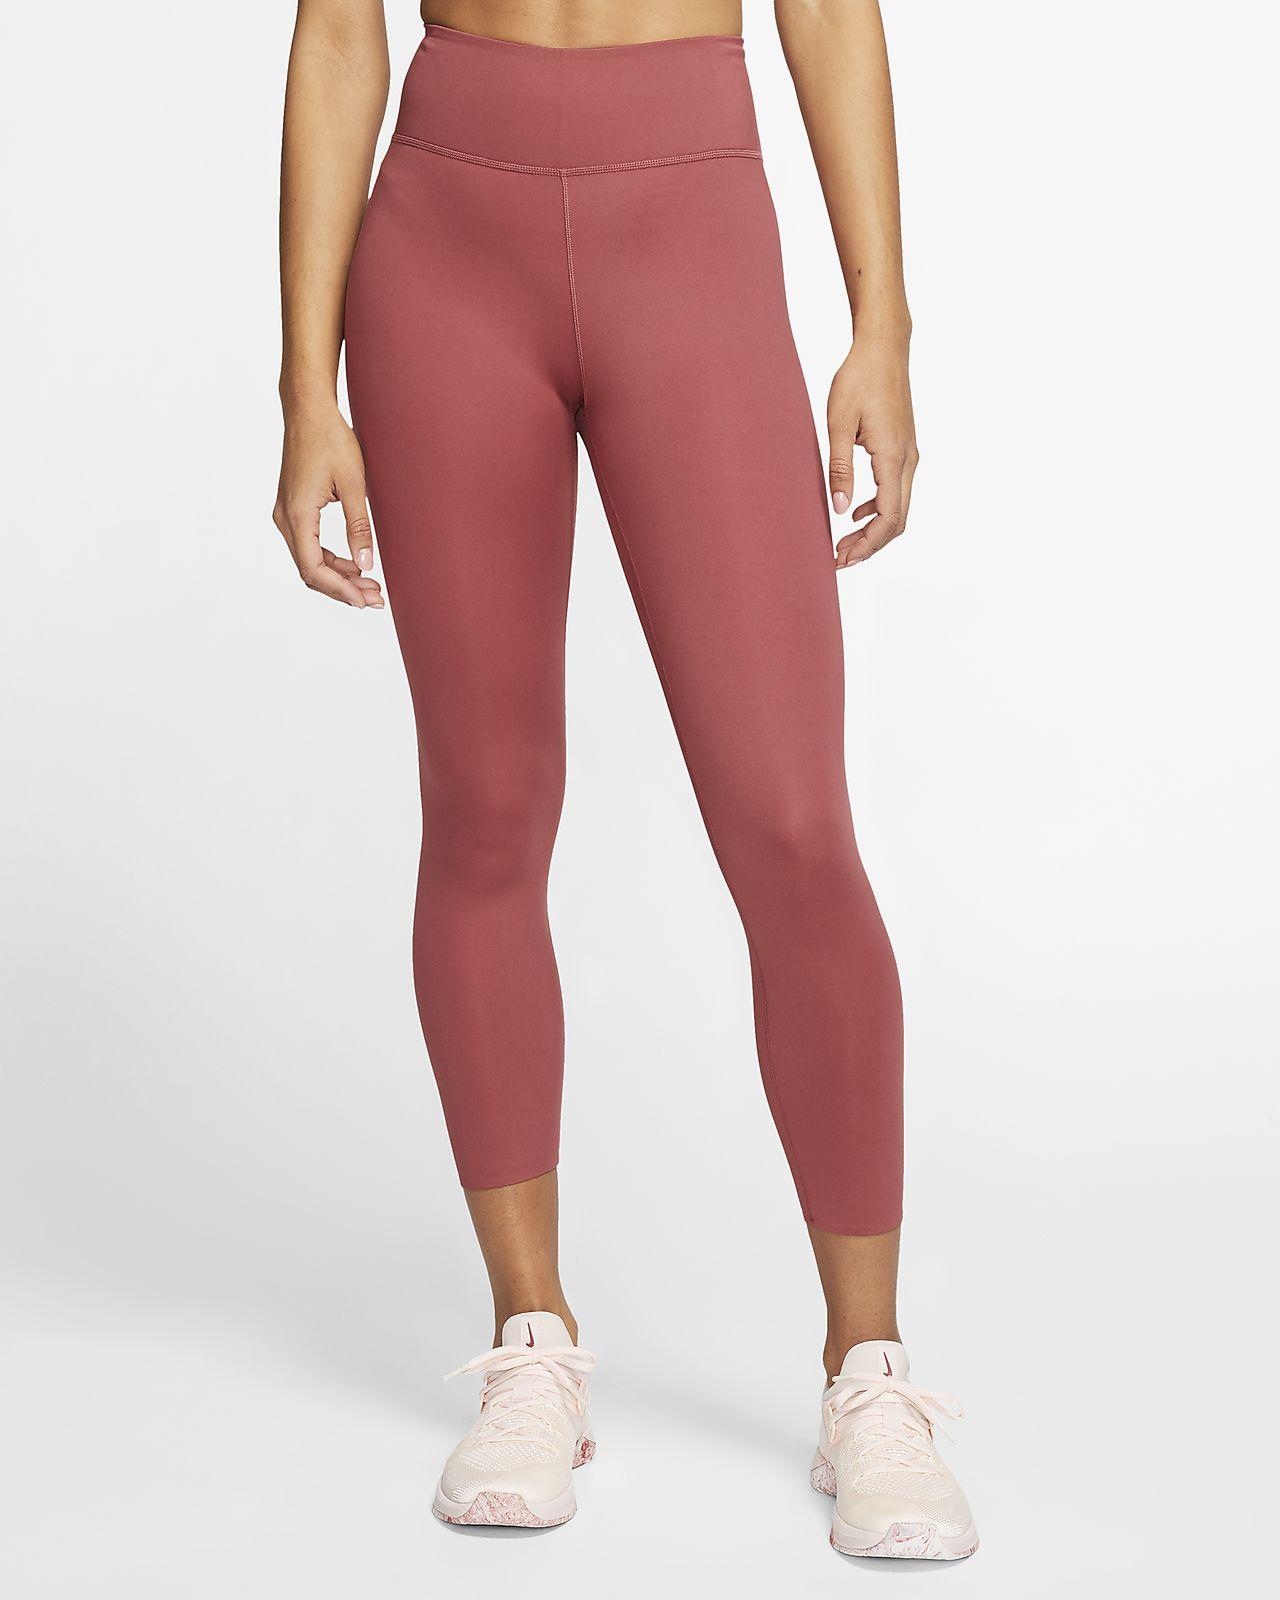 Nike One Luxe női bokanadrág